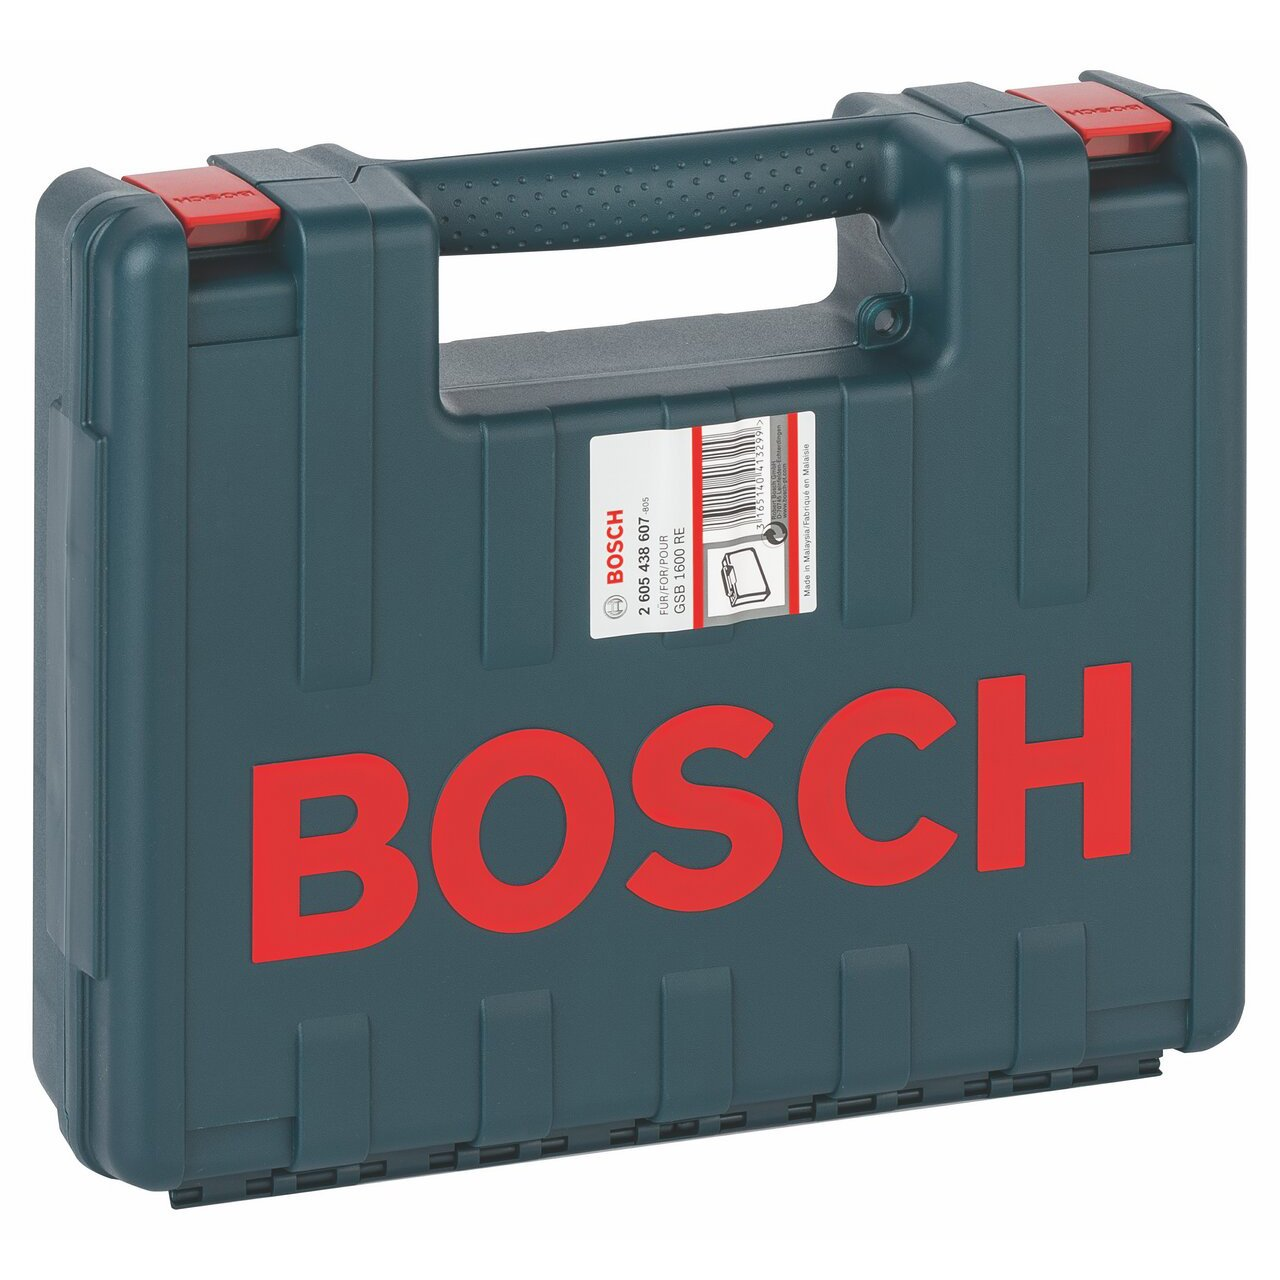 Bosch 2 605 438 607 - Maletí n de transporte, 350 x 294 x 105 mm, pack de 1 2605438607